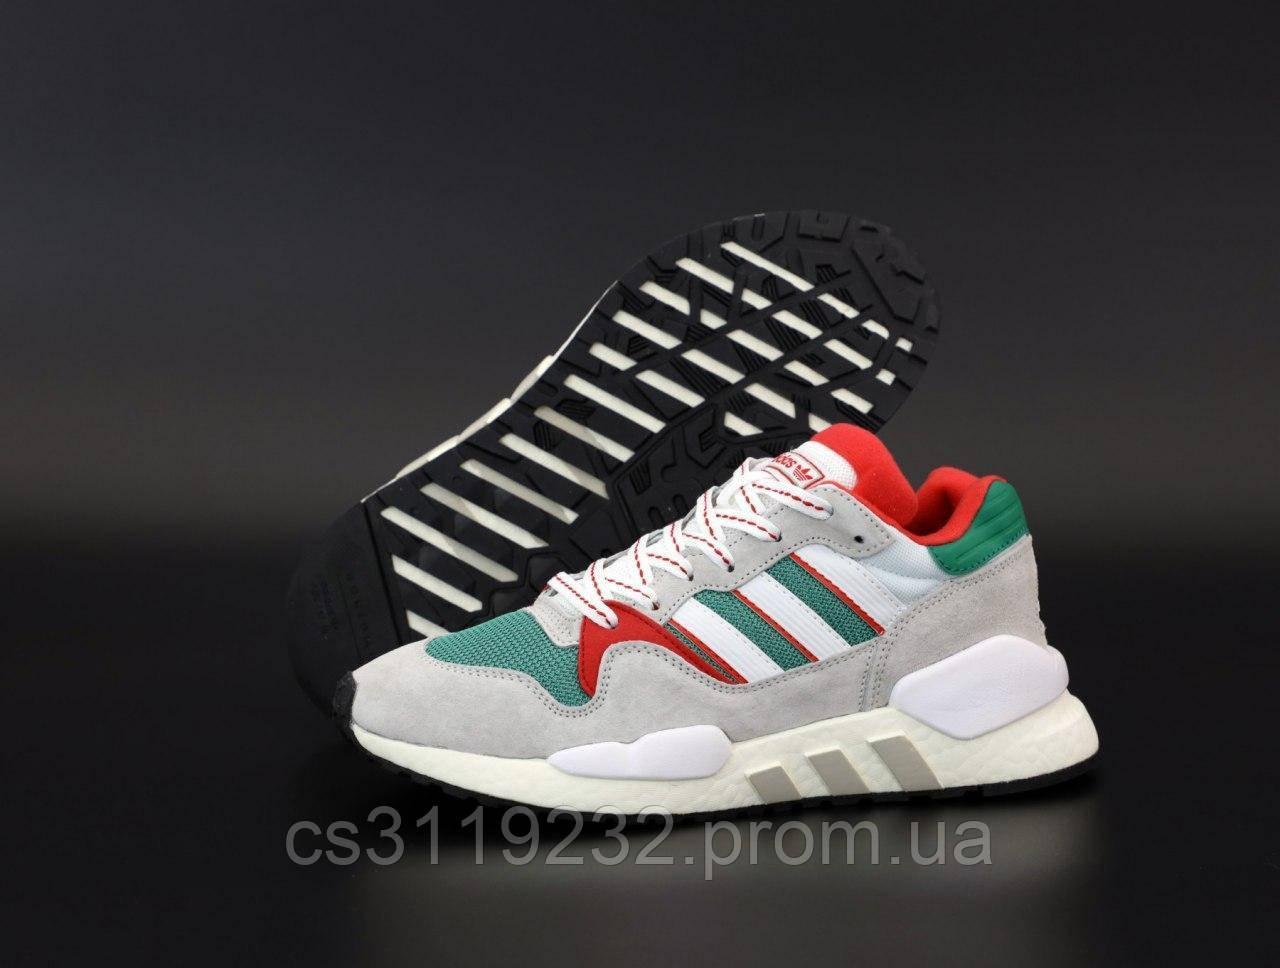 Мужские кроссовки Adidas EQT (серо-зелёные)